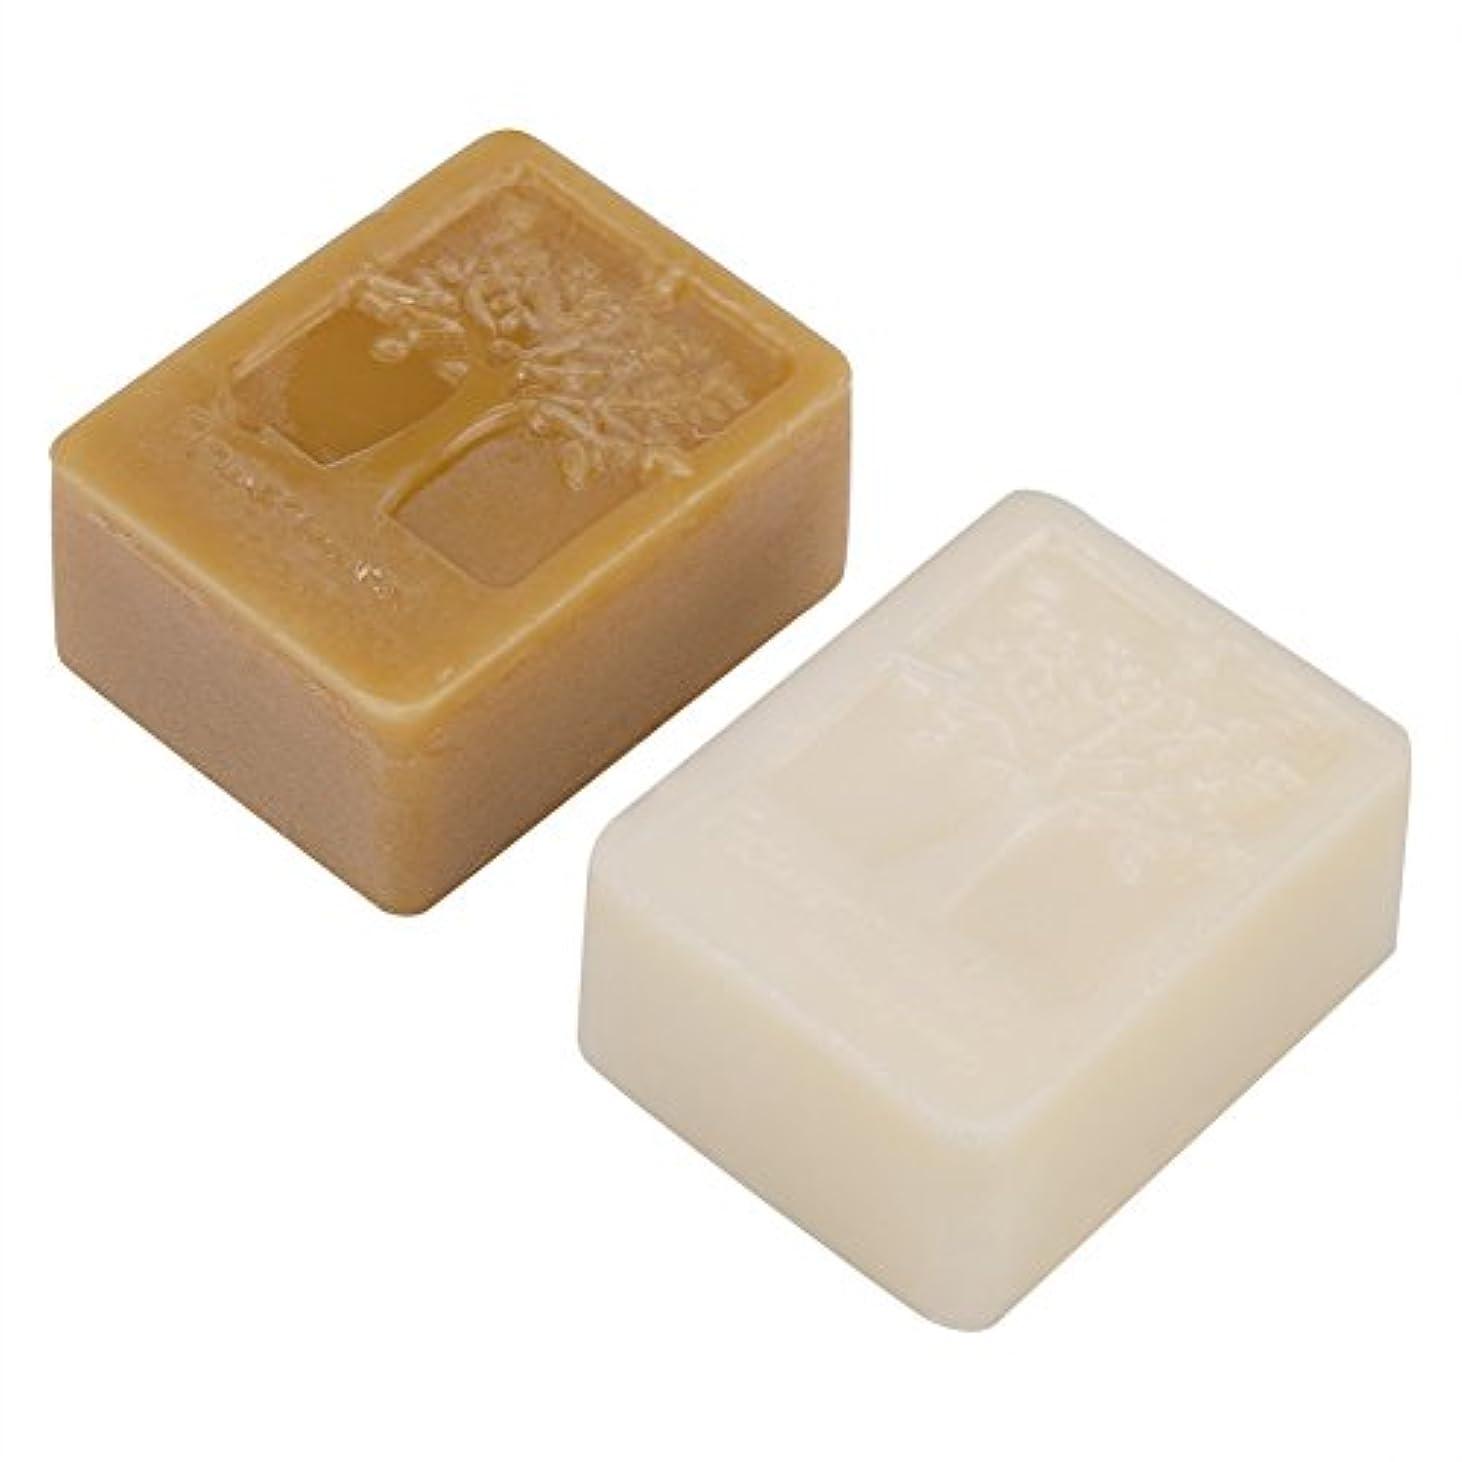 不格好予感本物の純粋な100g / 3.5oz白い蜜蝋ブロック+ 100g / 3.5oz黄色の蜜蝋石鹸、食品等級